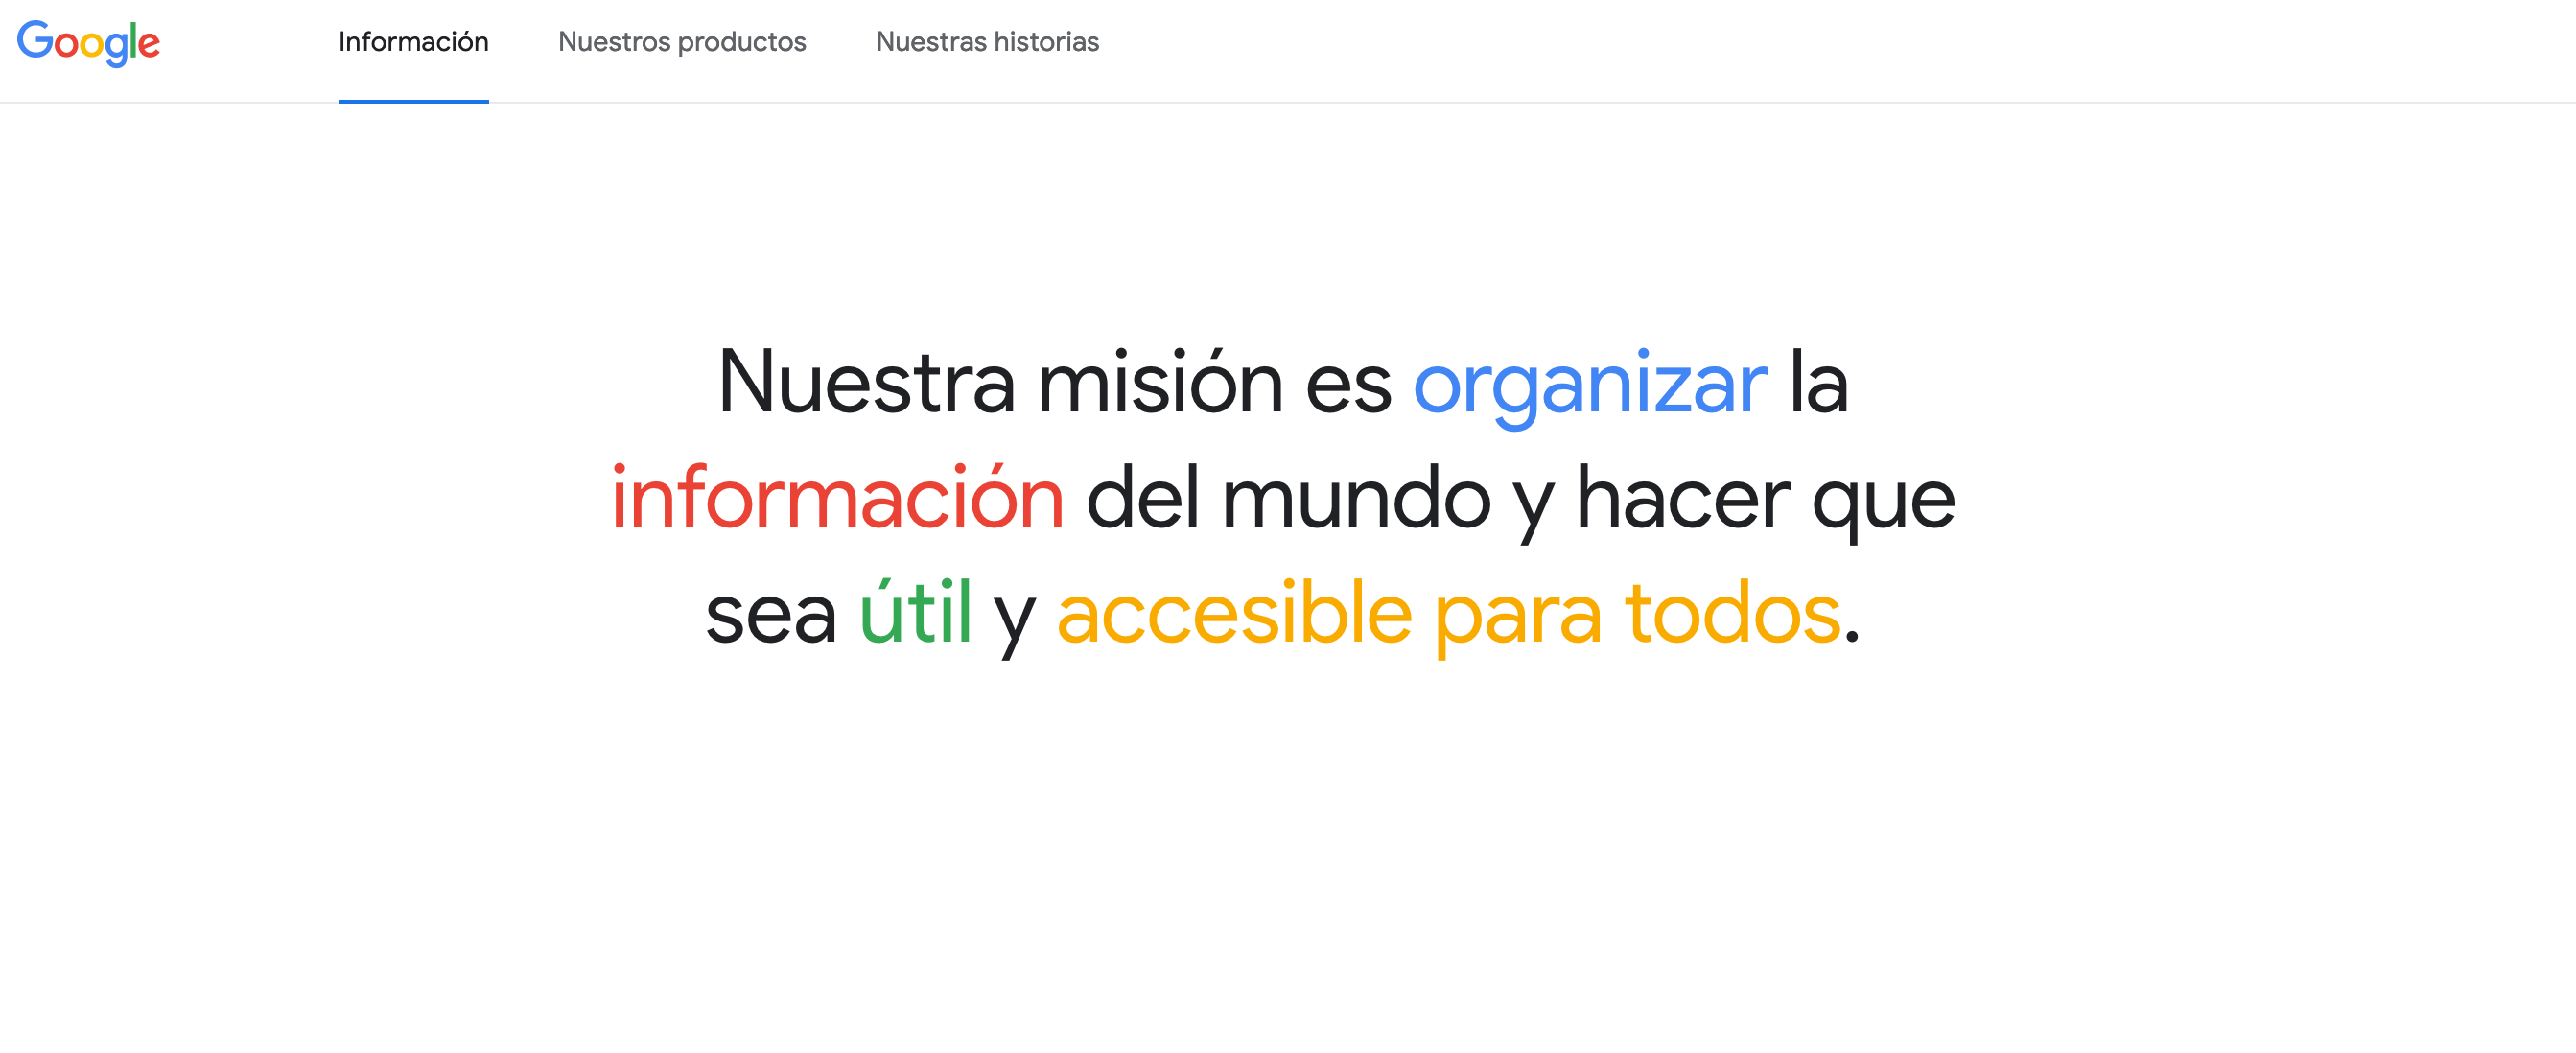 La misión de Google